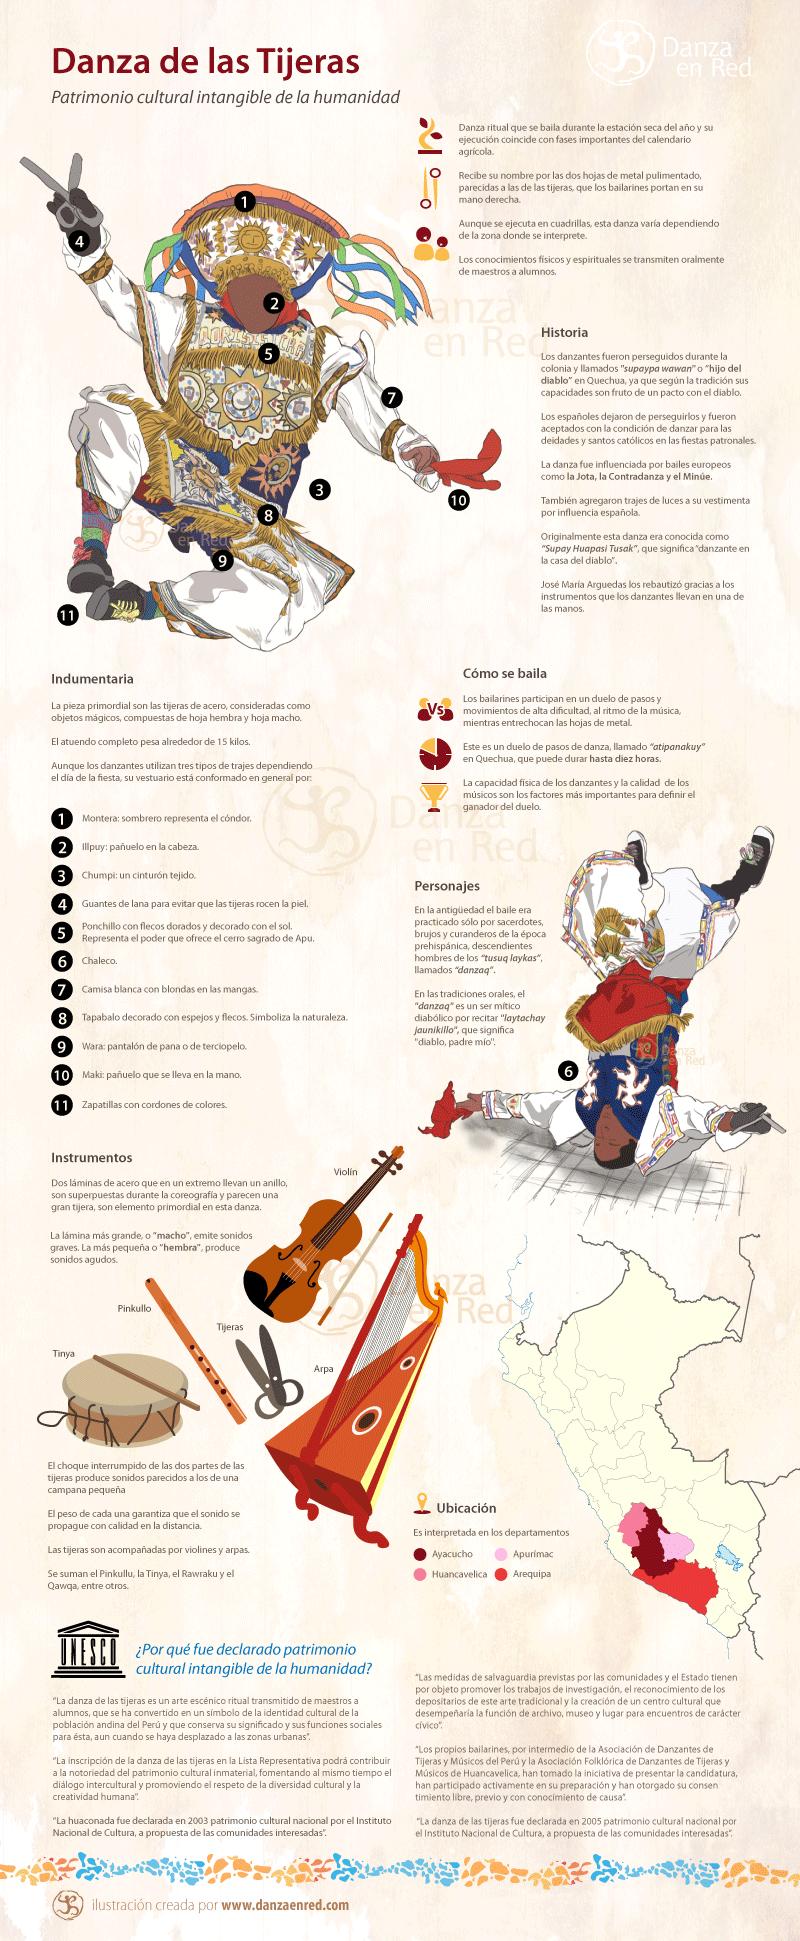 Danza De Las Tijeras Patrimonio Cultural Intangible De La Humanidad Perú Folklore Culture Dance